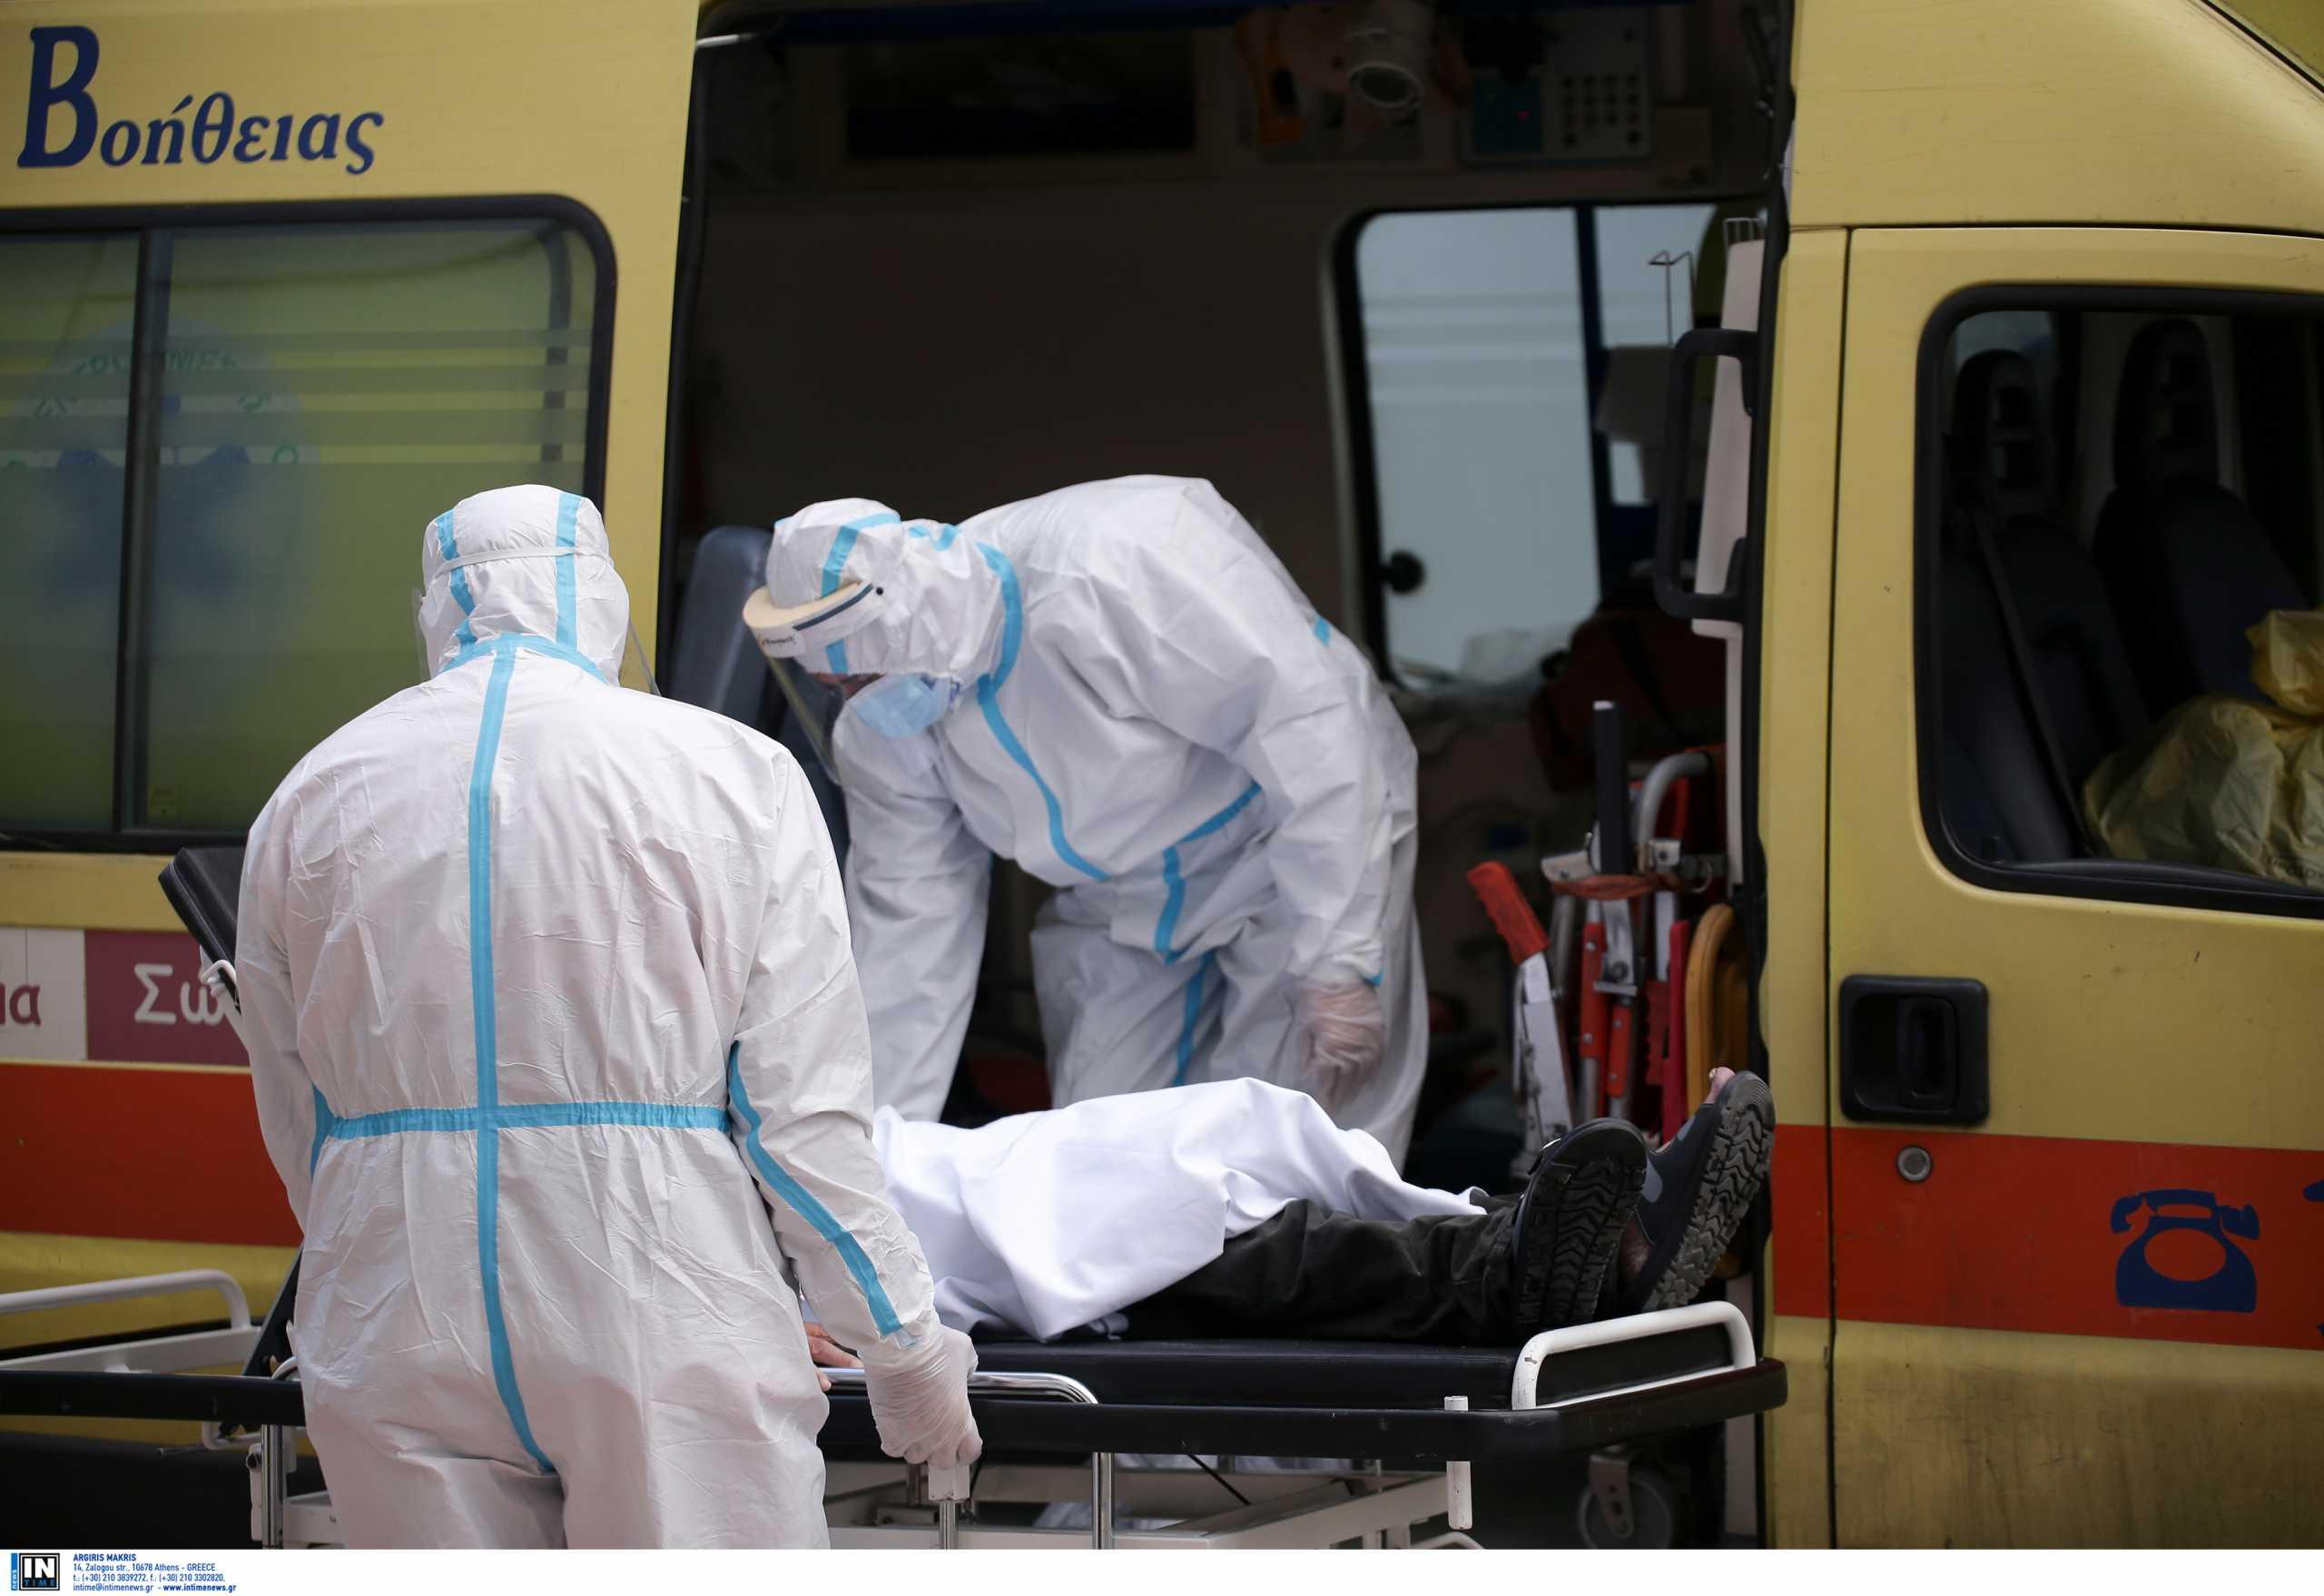 Ηράκλειο: Στο νοσοκομείο ένας ακόμη ναυτικός του πλοίου με τα 9 κρούσματα κορoνοϊού